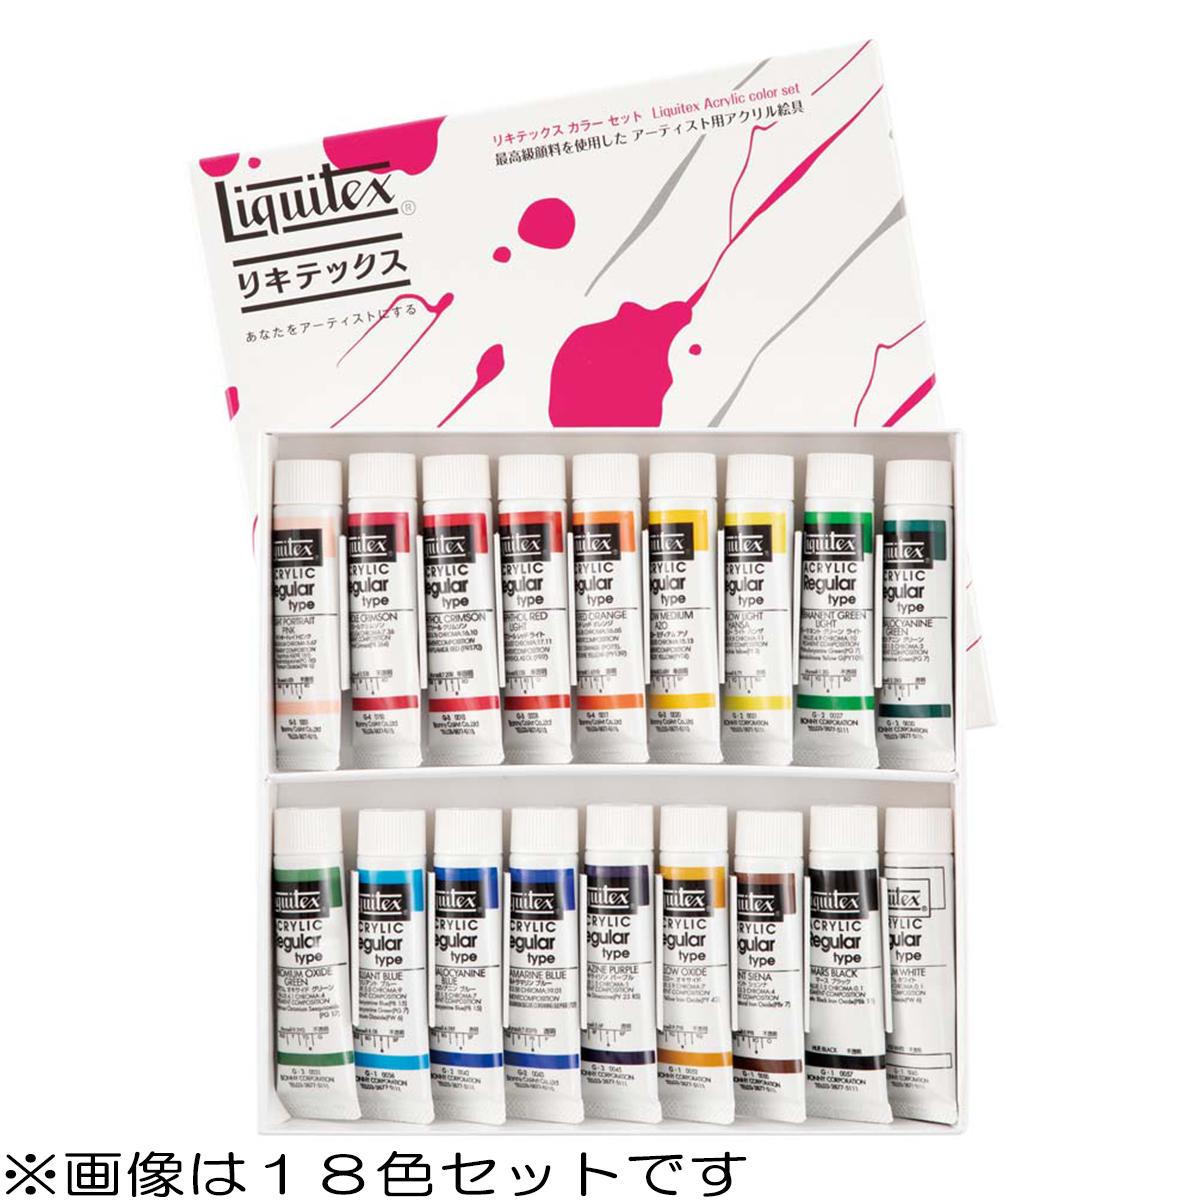 リキテックス 伝統色 レギュラー 20ml 72色セット 【 アクリル 絵の具 えのぐ リキテックス 絵画 アクリル画 伝統色 】